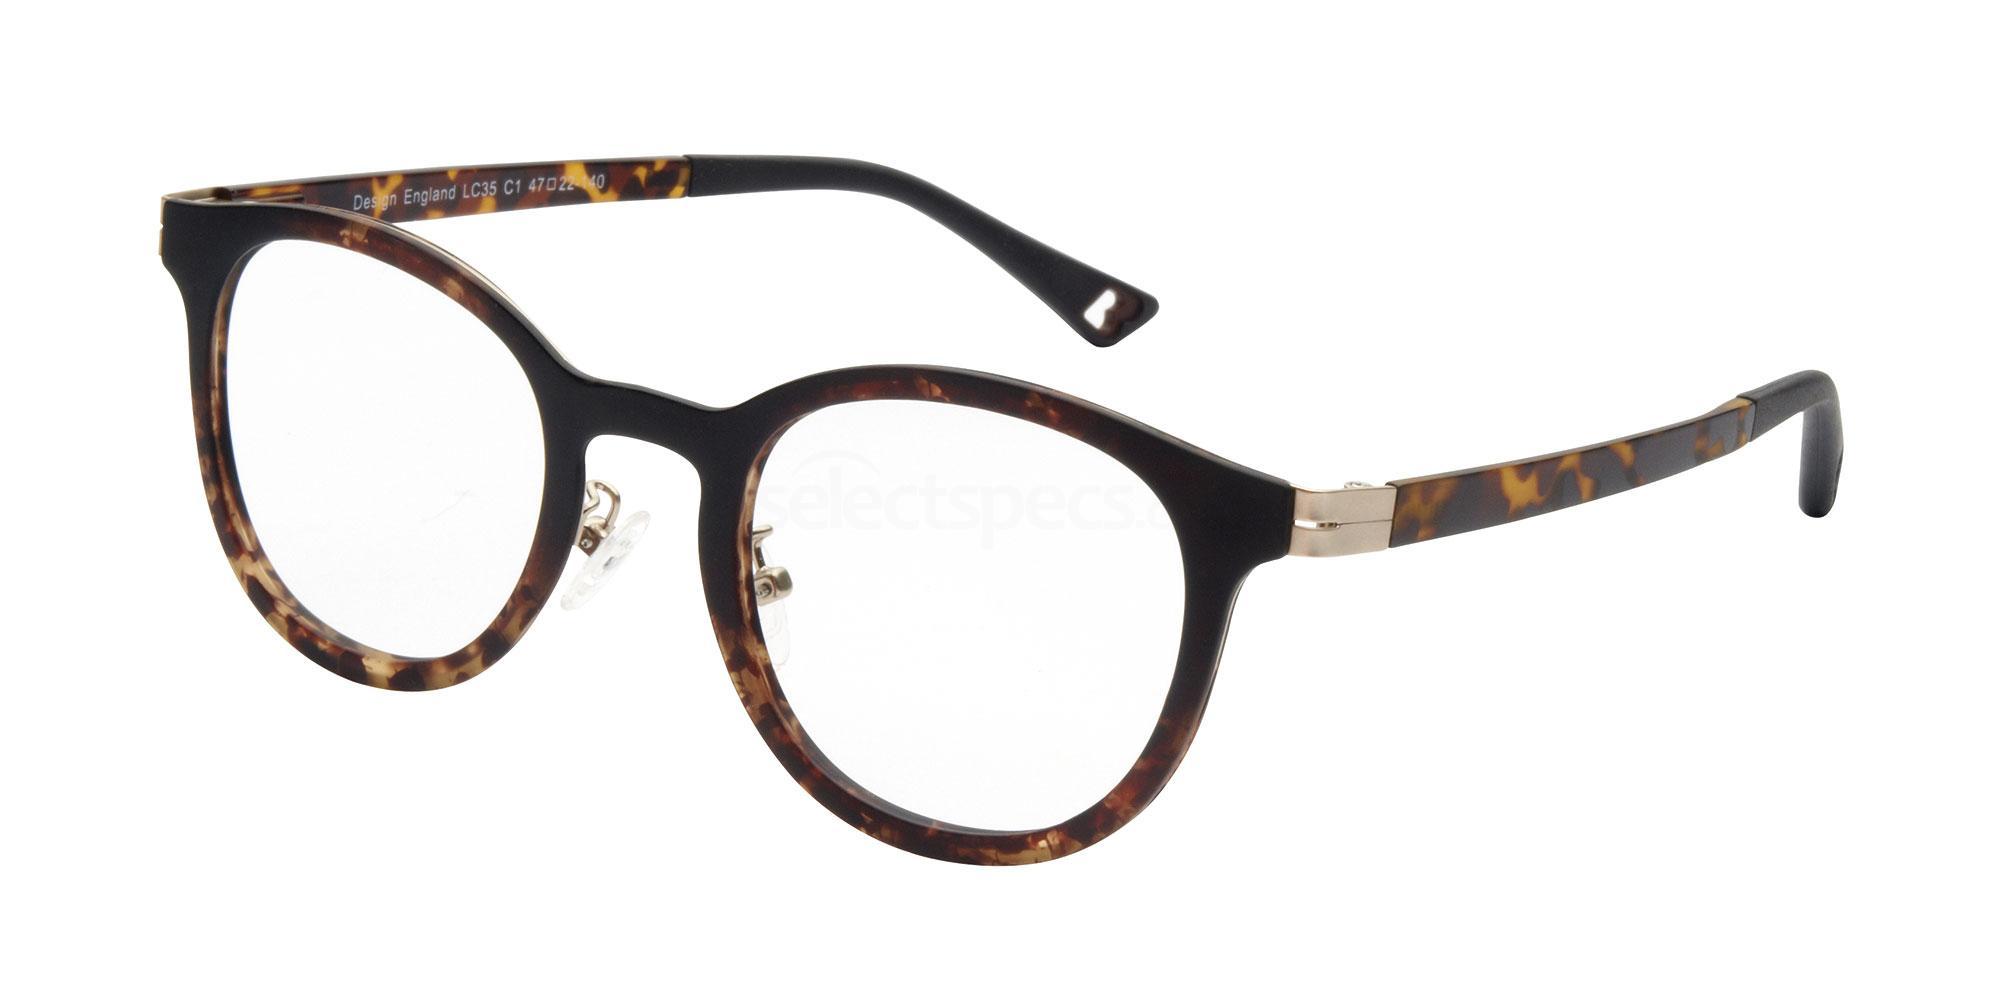 C1 LC35 Glasses, London Club